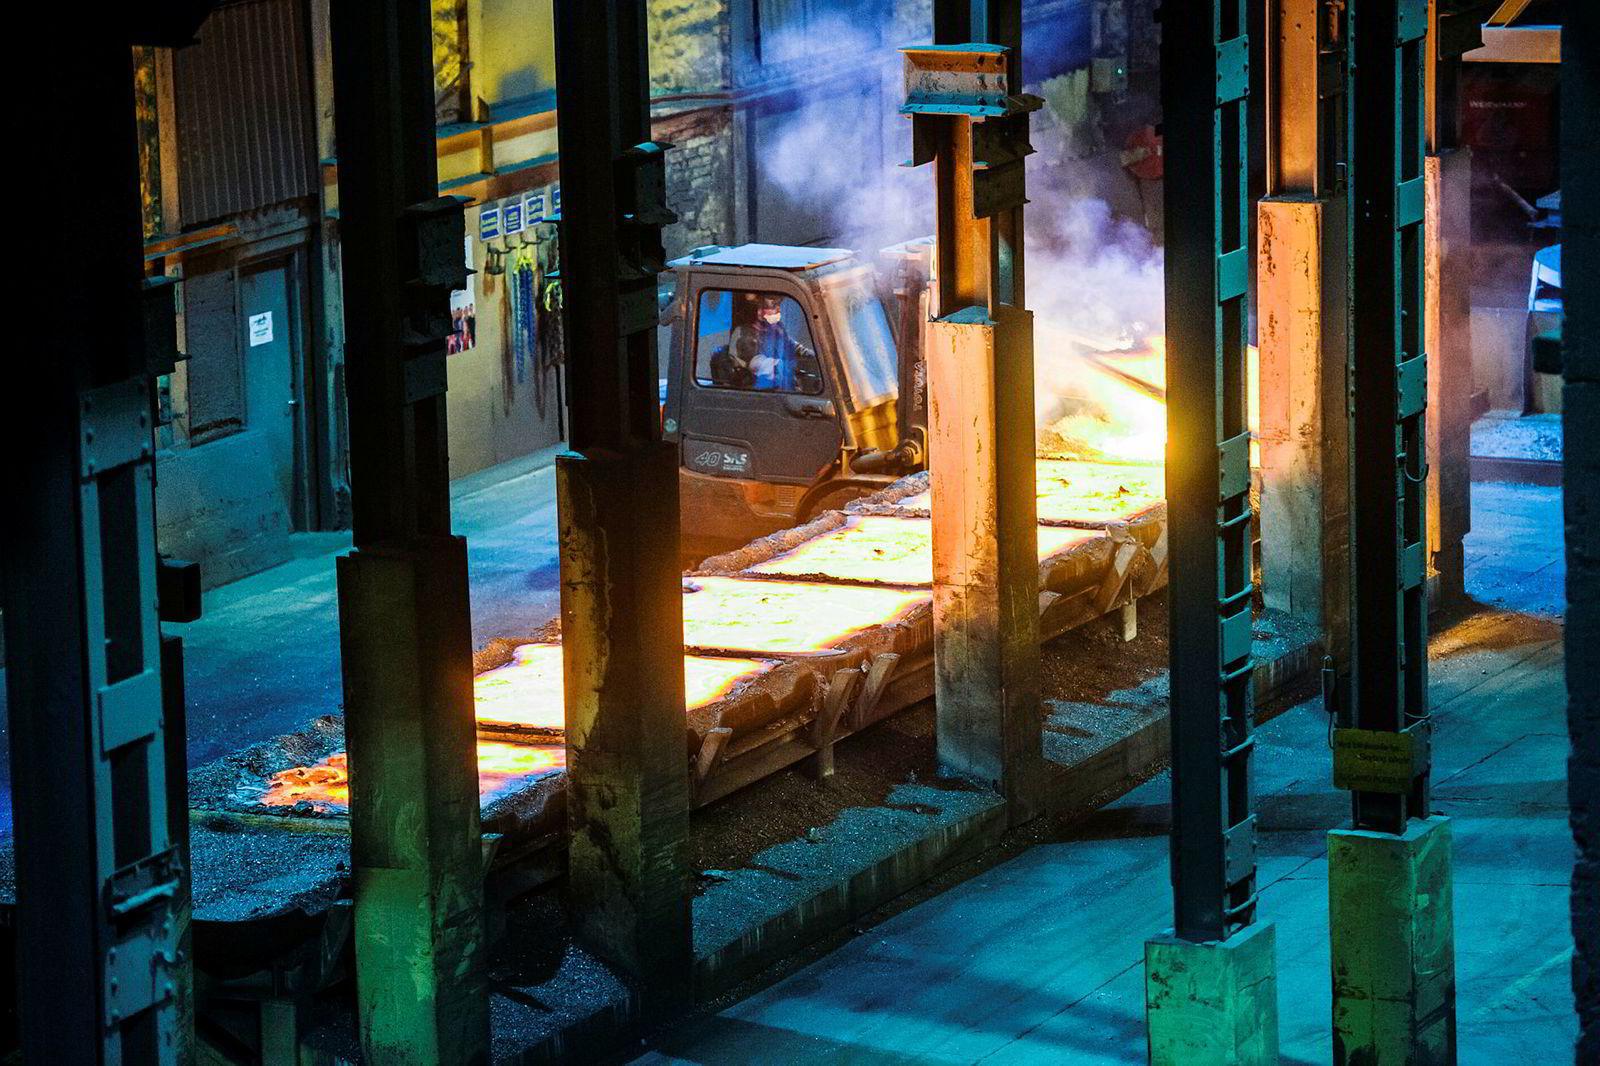 Elkem har 1250 ansatte i Norge. Bilde viser selskapets smelteverksvirksomhet i Thamshavn.